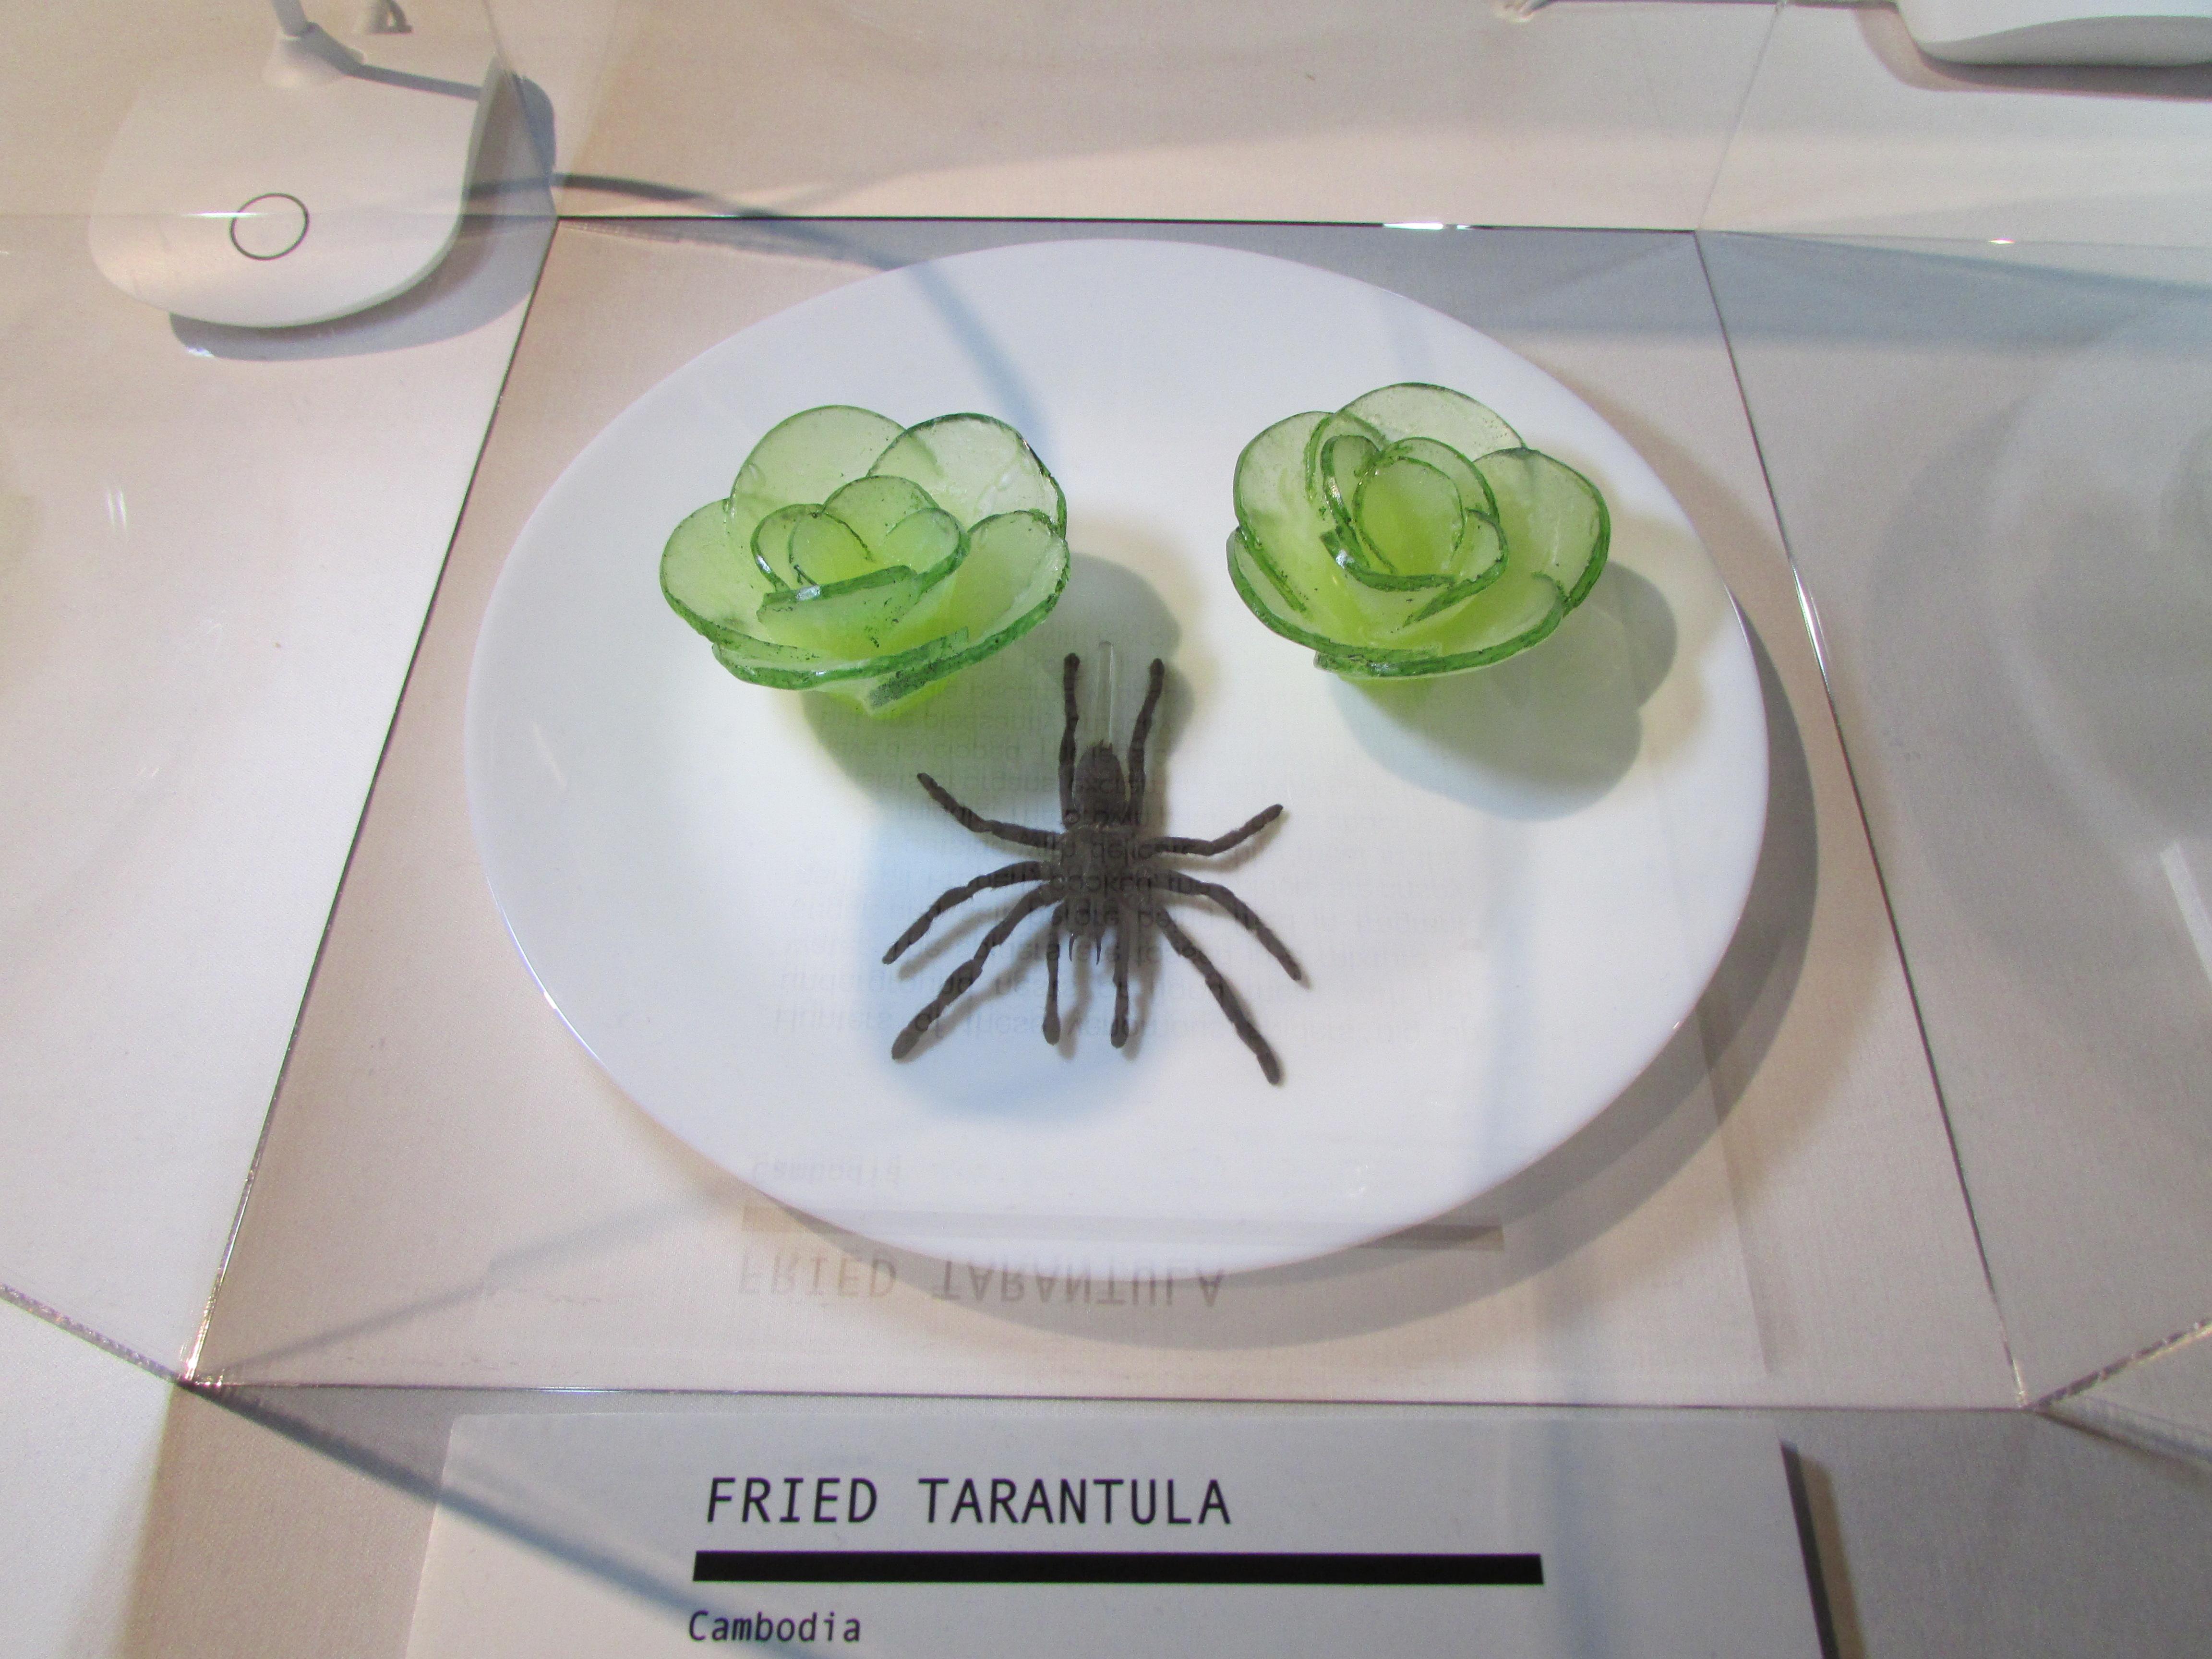 Las tarántulas se comen fritas en algunos países de Asia. (Araceli Martínez/La Opinión).